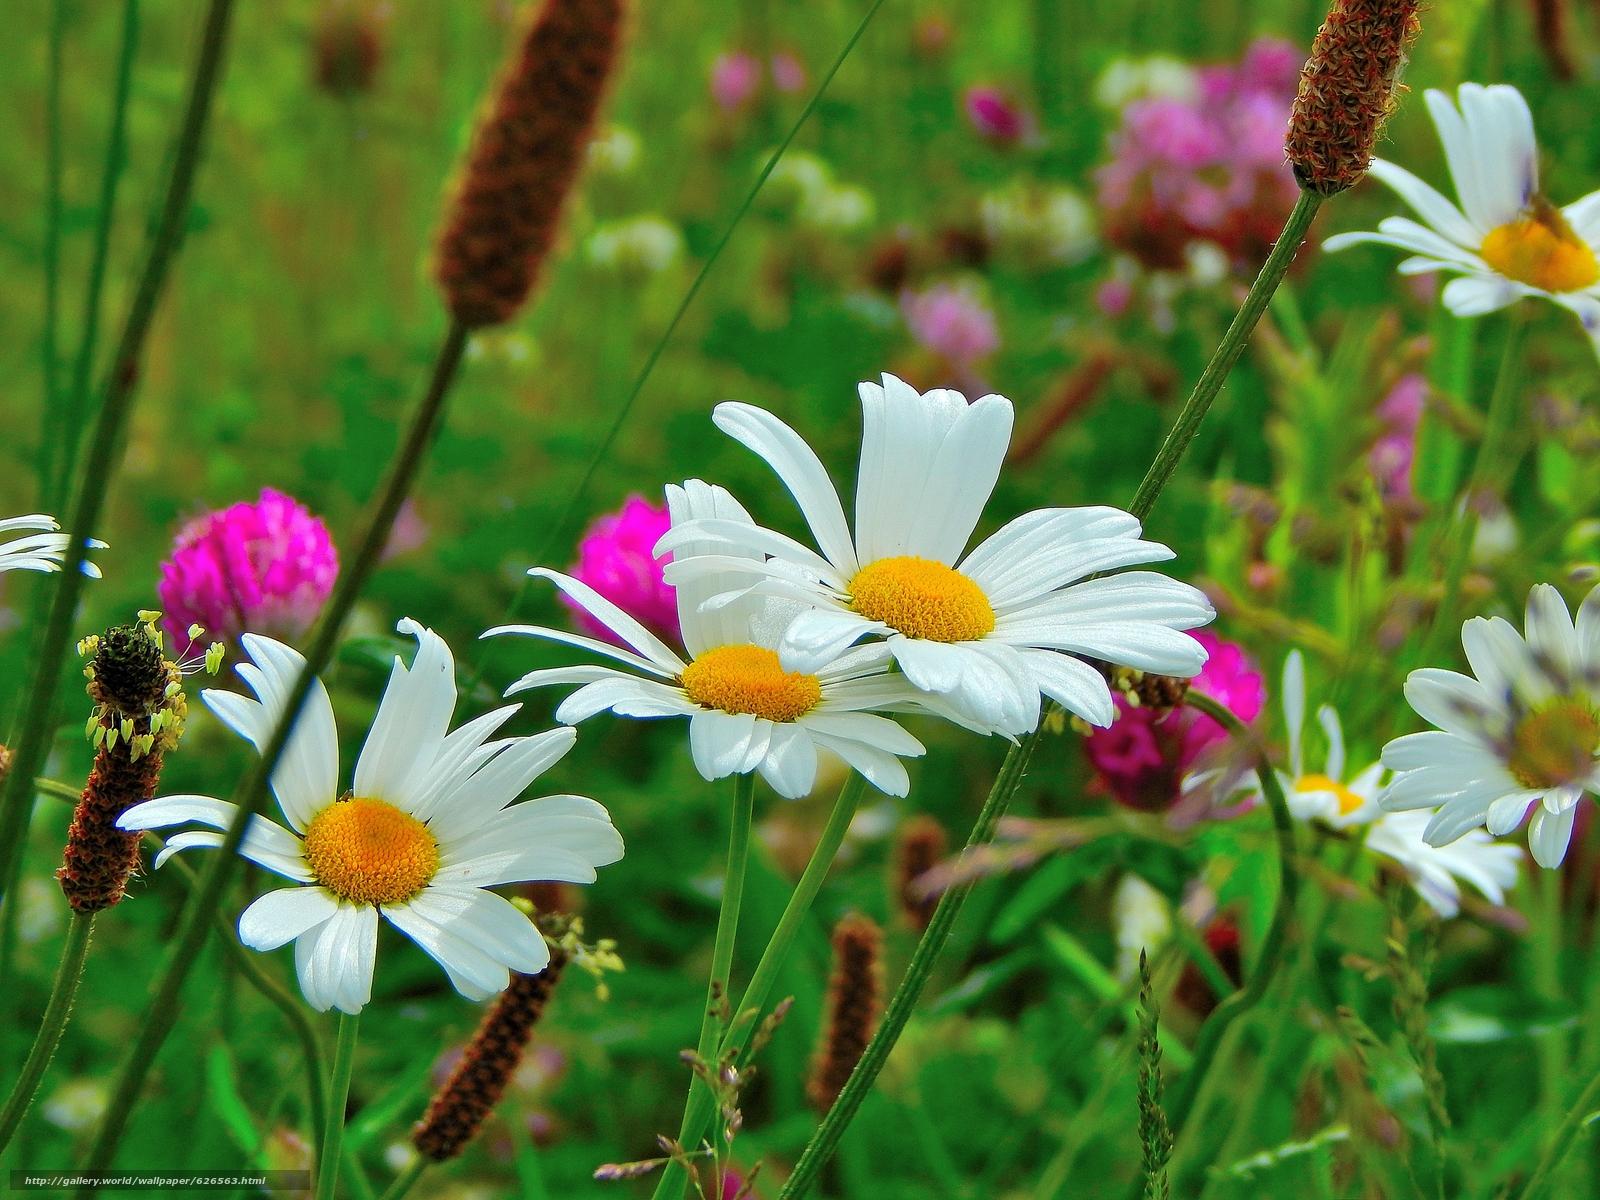 Скачать обои поле,  цветы,  ромашки,  макро бесплатно для рабочего стола в разрешении 4608x3456 — картинка №626563